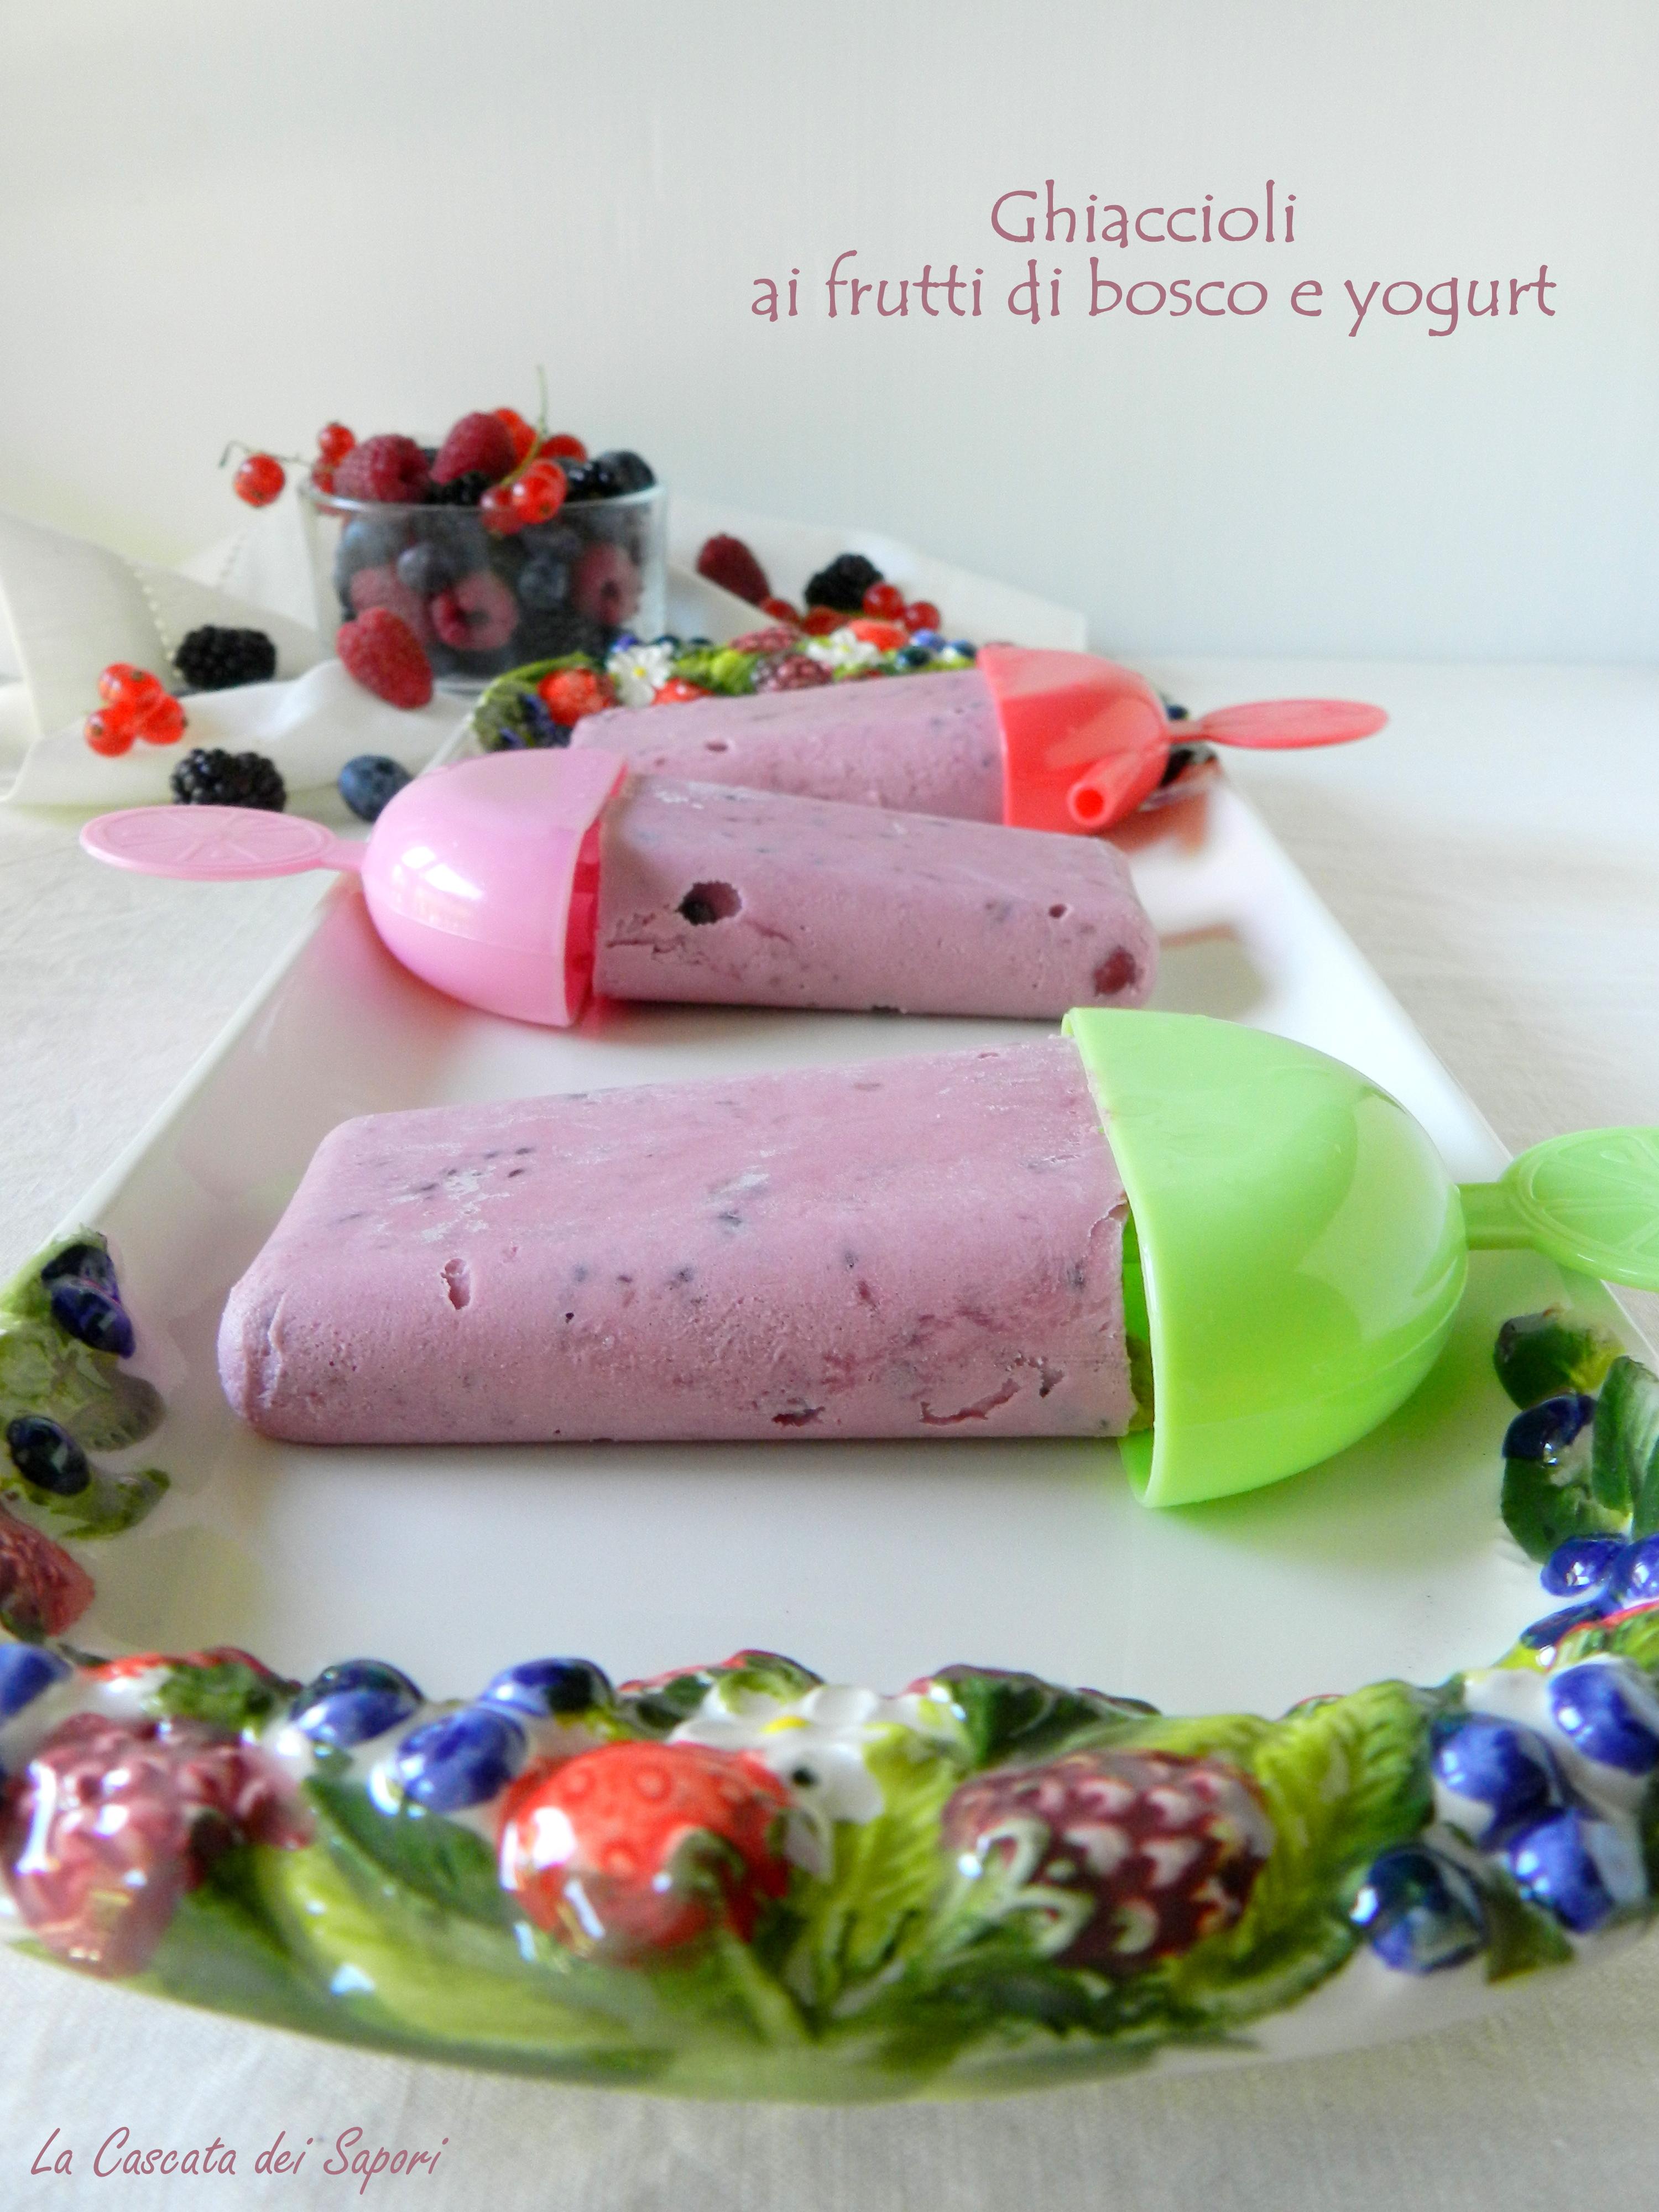 Ghiaccioli ai frutti di bosco e yogurt